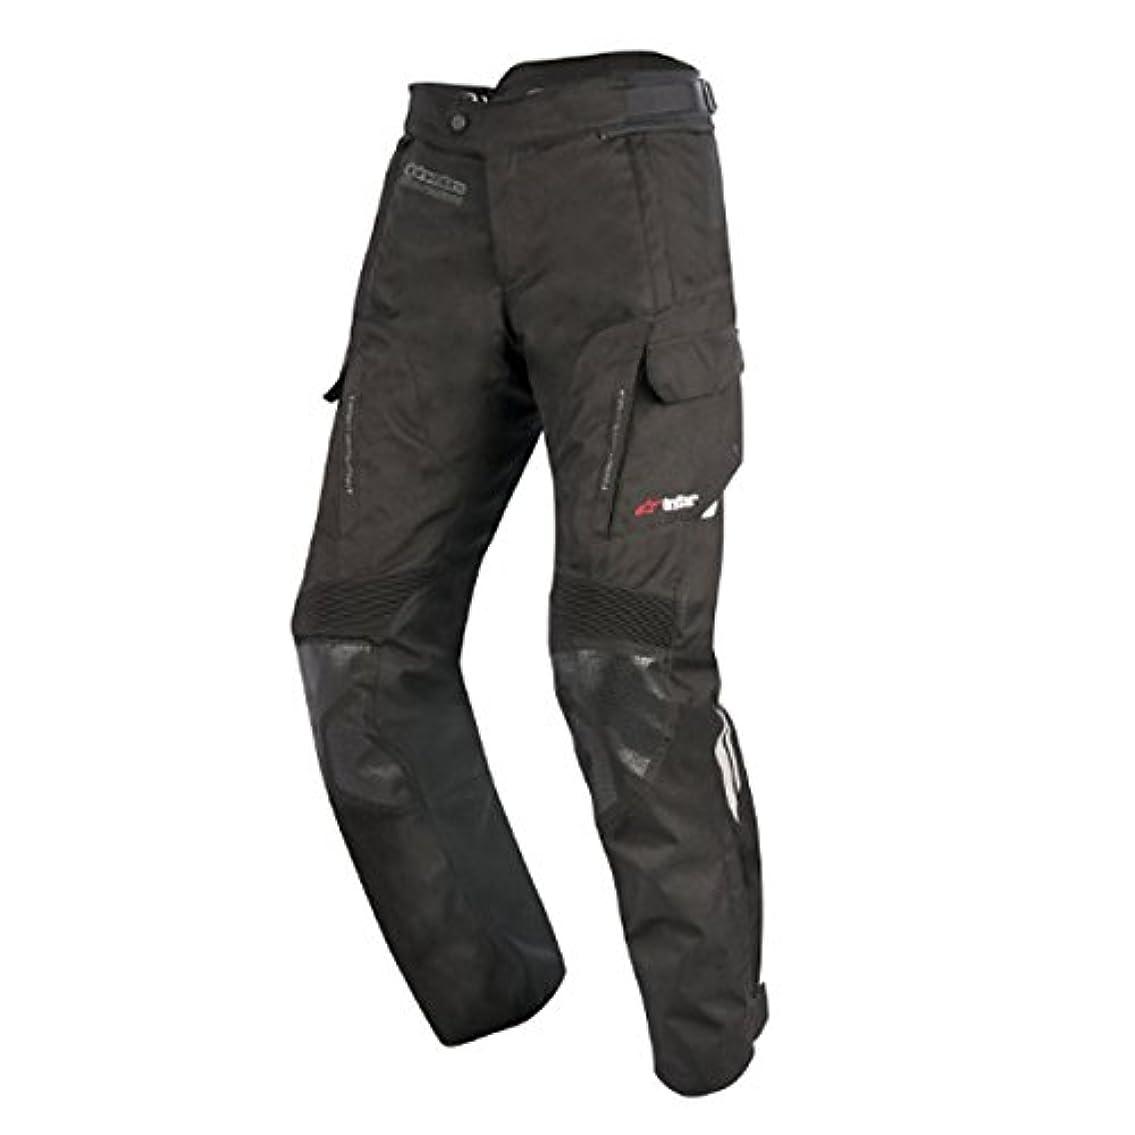 住所反乱アセンブリAlpinestars アルパインスター ANDES V2 DRYSTAR PANTS 2017モデル パンツ ブラック S